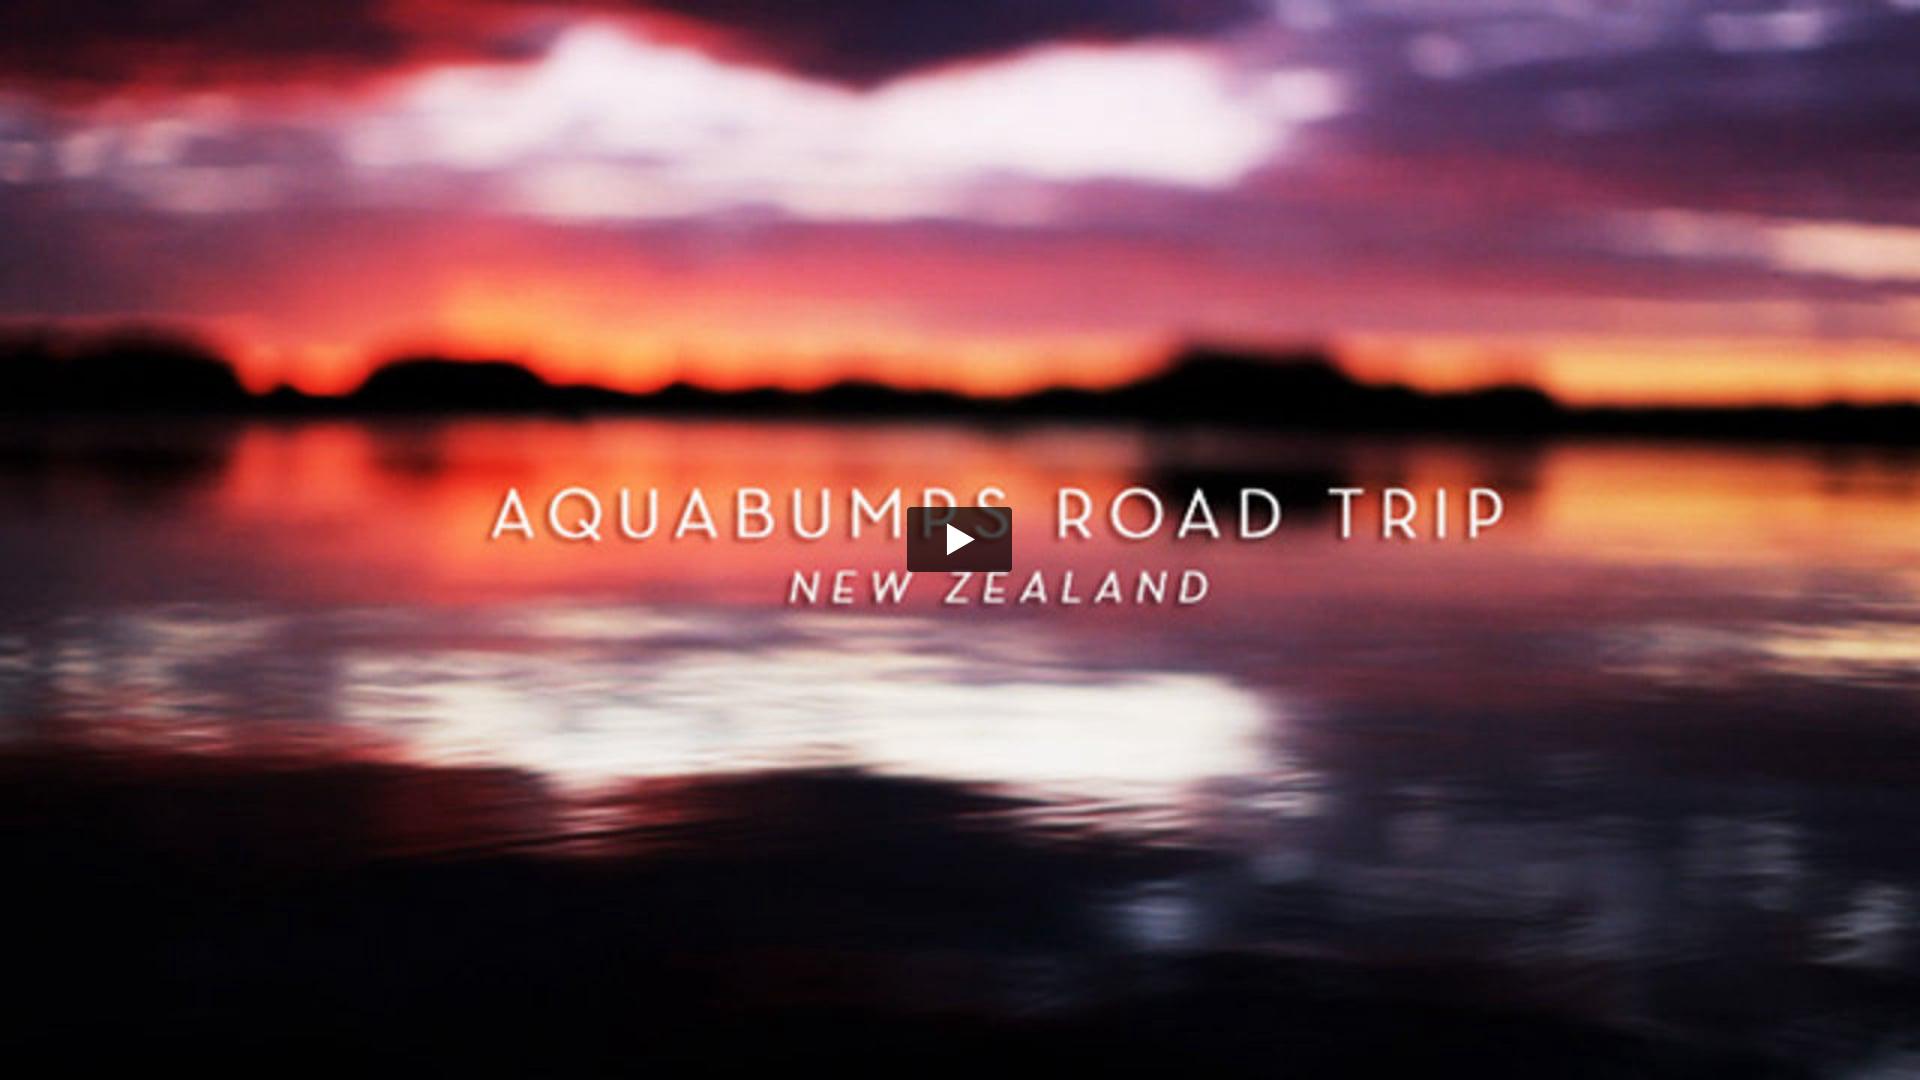 Aquabumps Road Trip - New Zealand